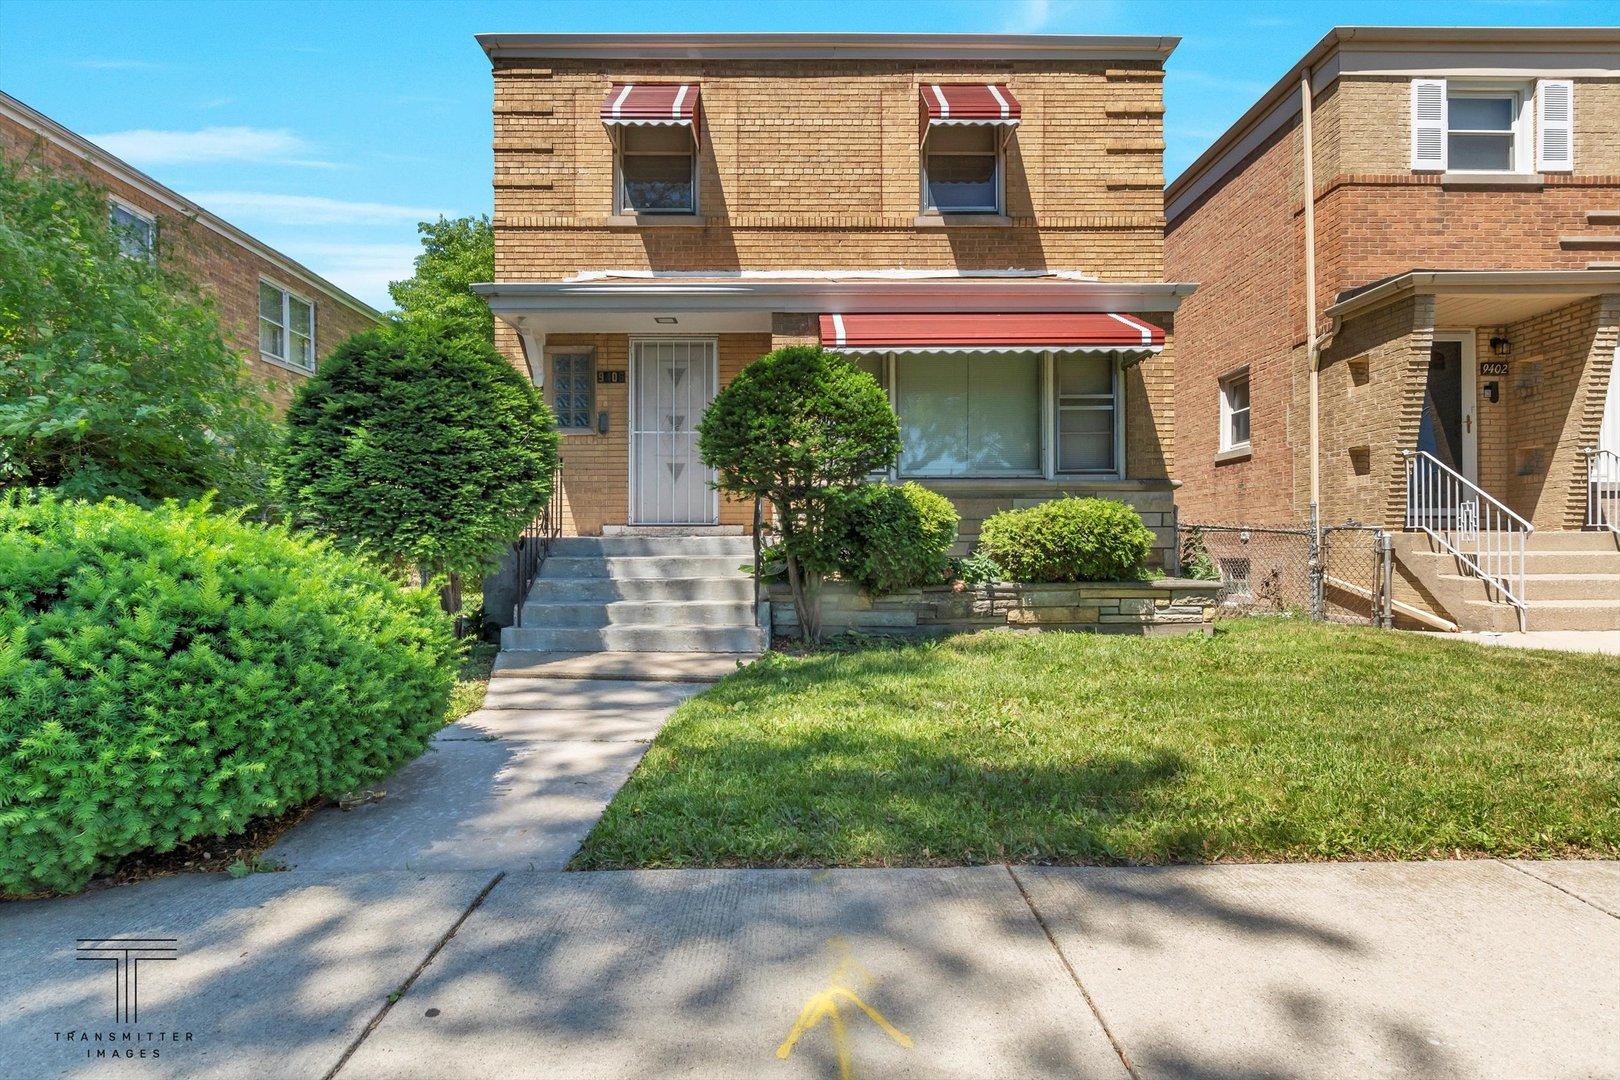 9406 S Normal Avenue, Chicago IL 60620